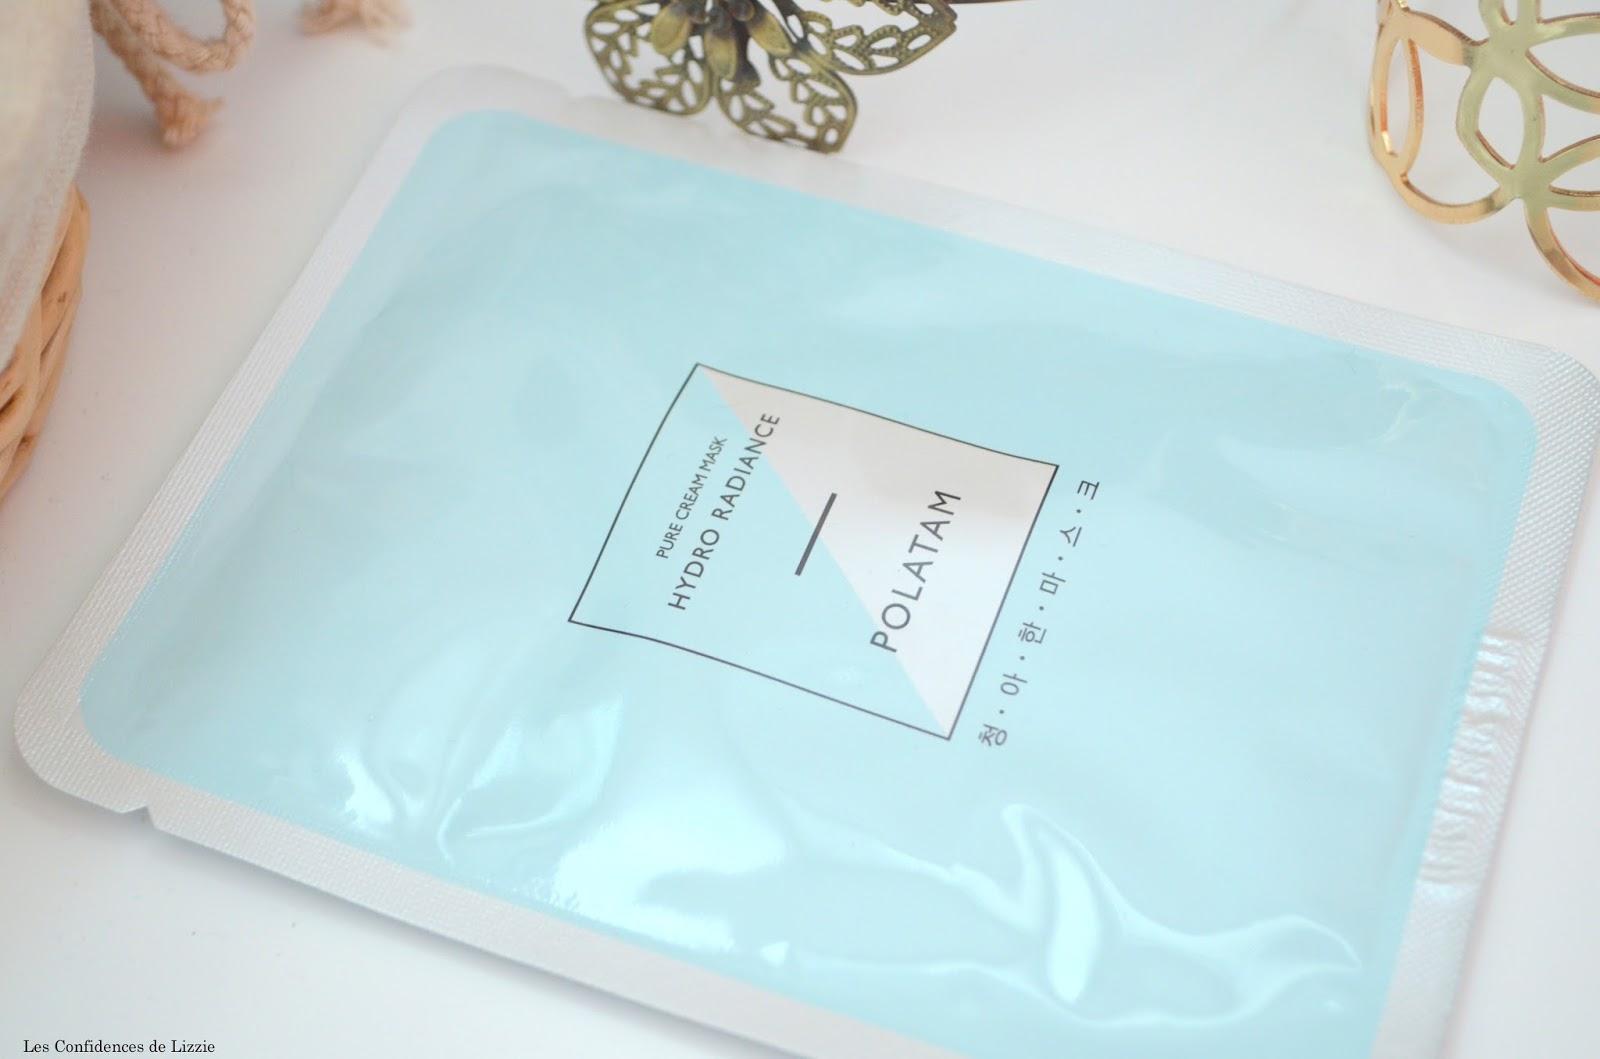 masque - masque de beaute - masque en tissu - masques polatam - masque hydratant - cellulose